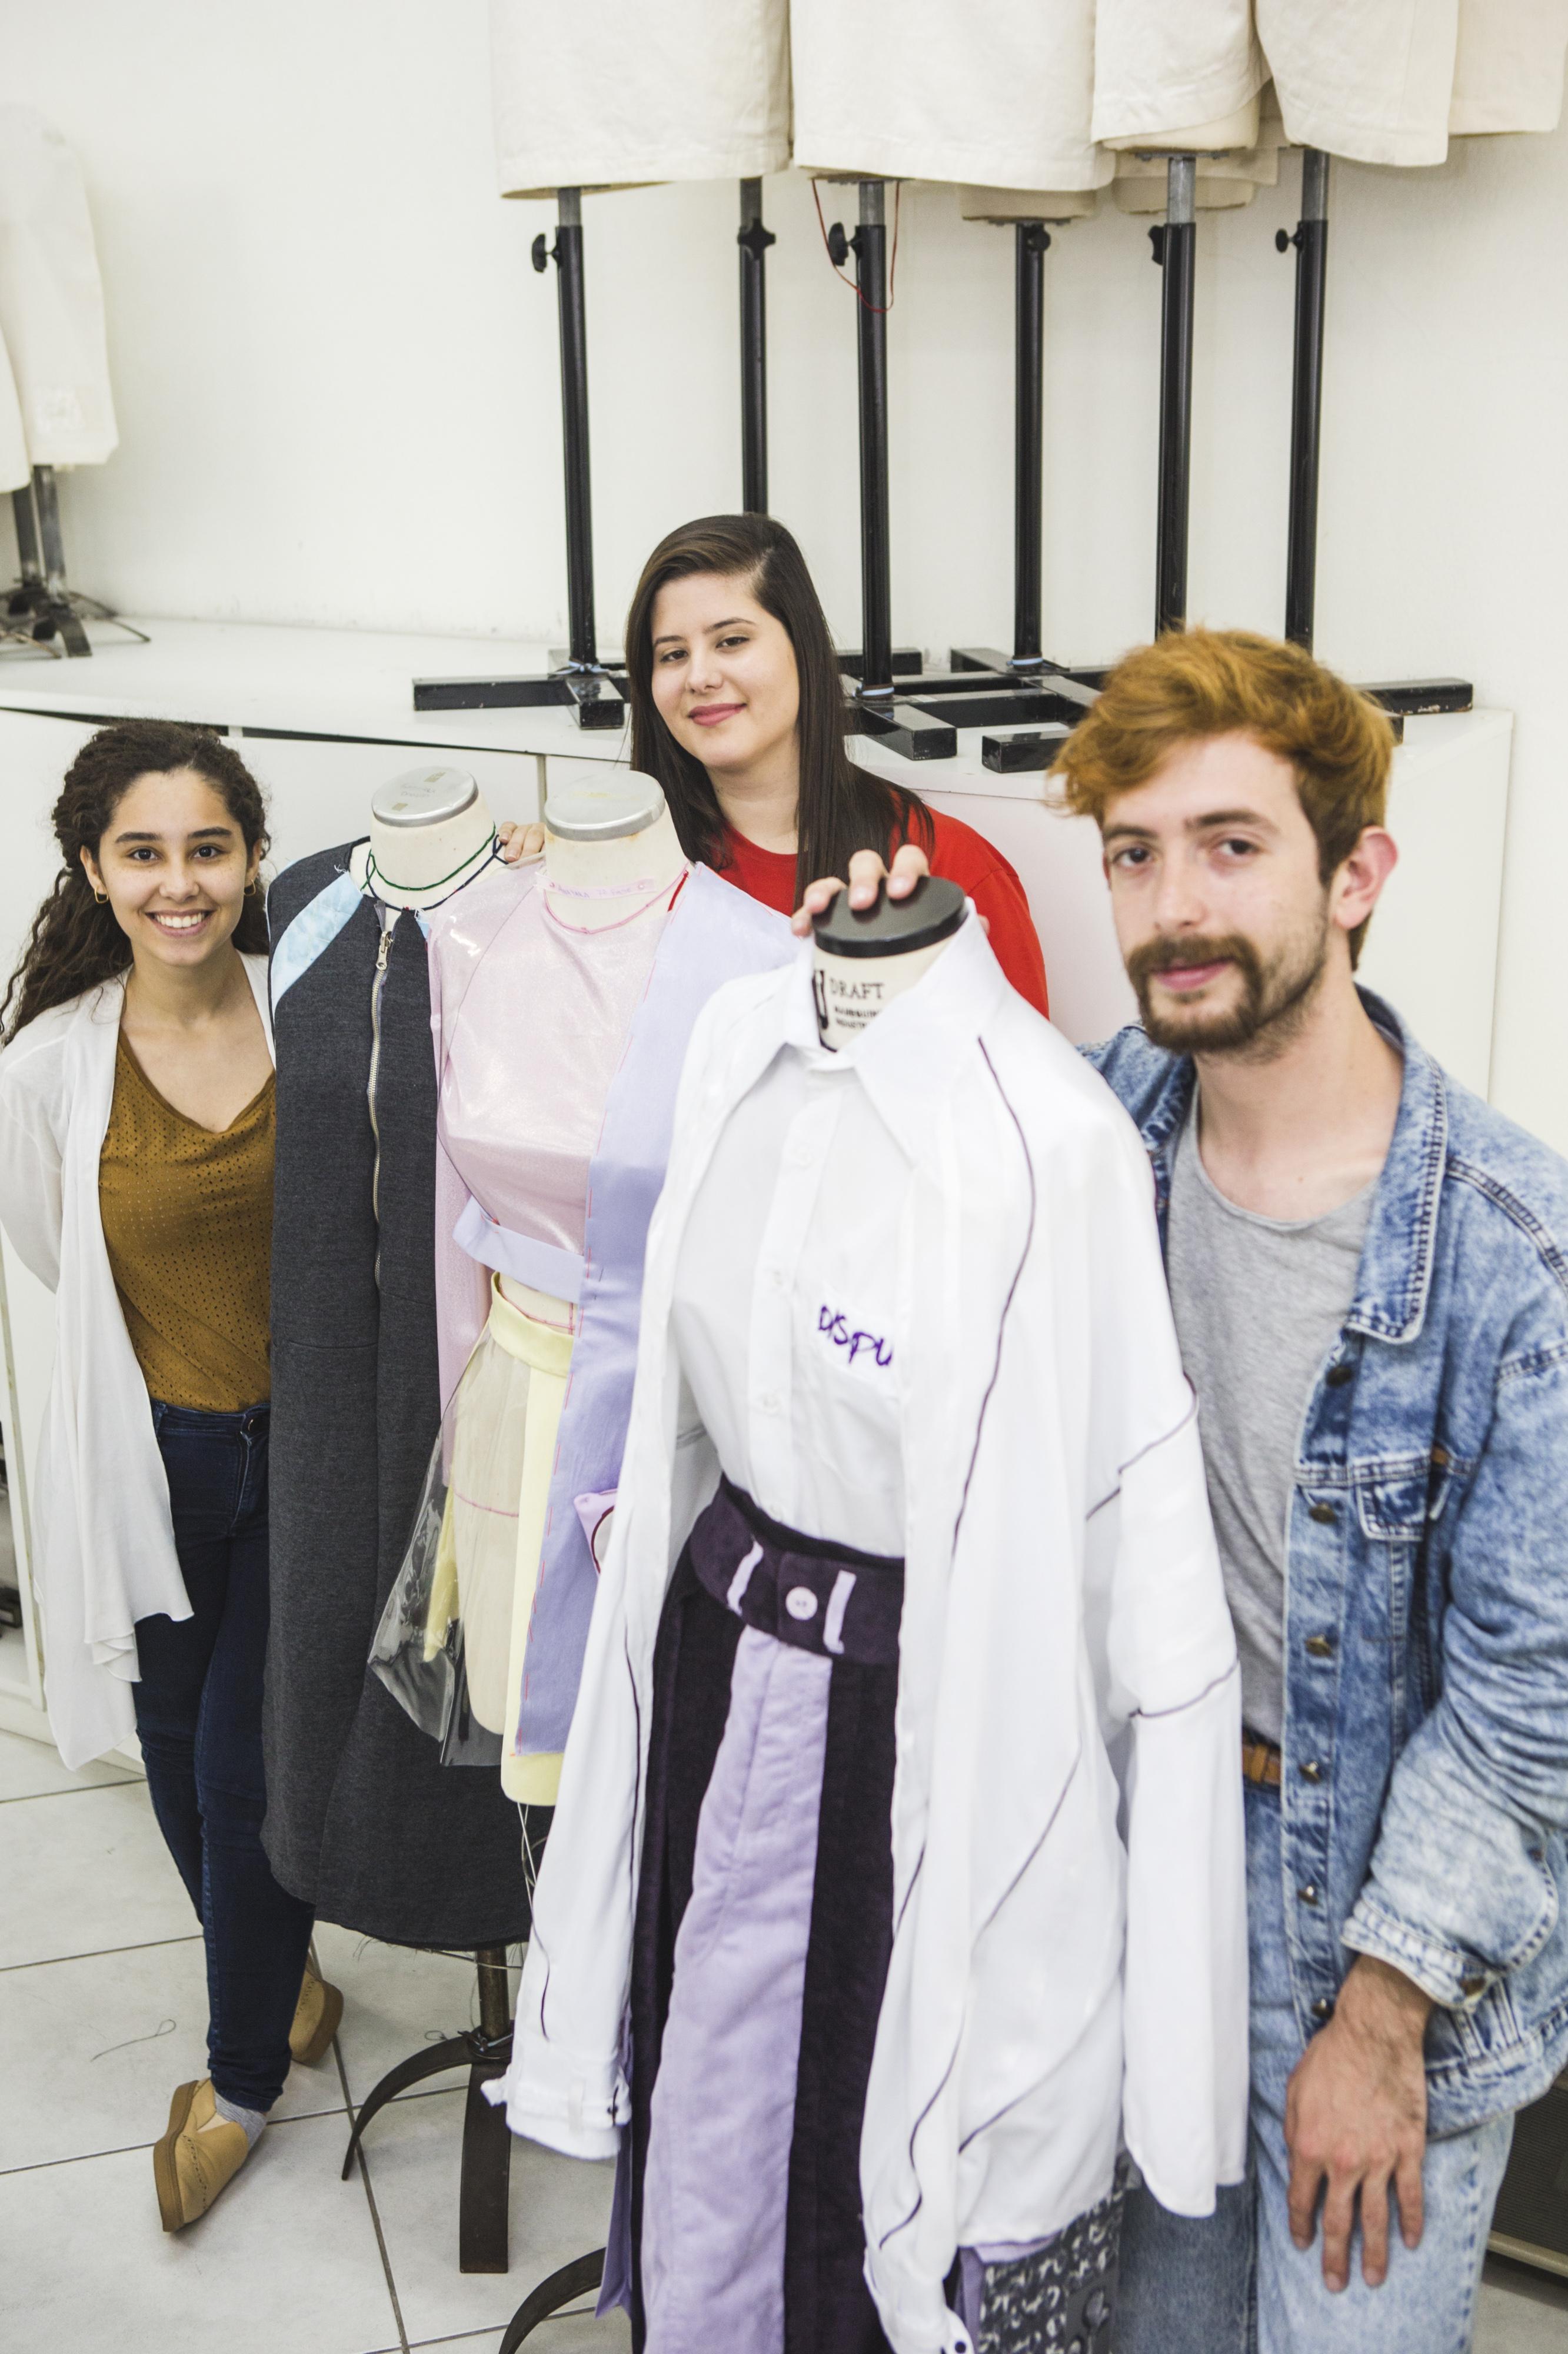 Formandos Maria Eduarda (à esq.), Anayara e Matheus com suas criações - Daniel Queiroz/ND